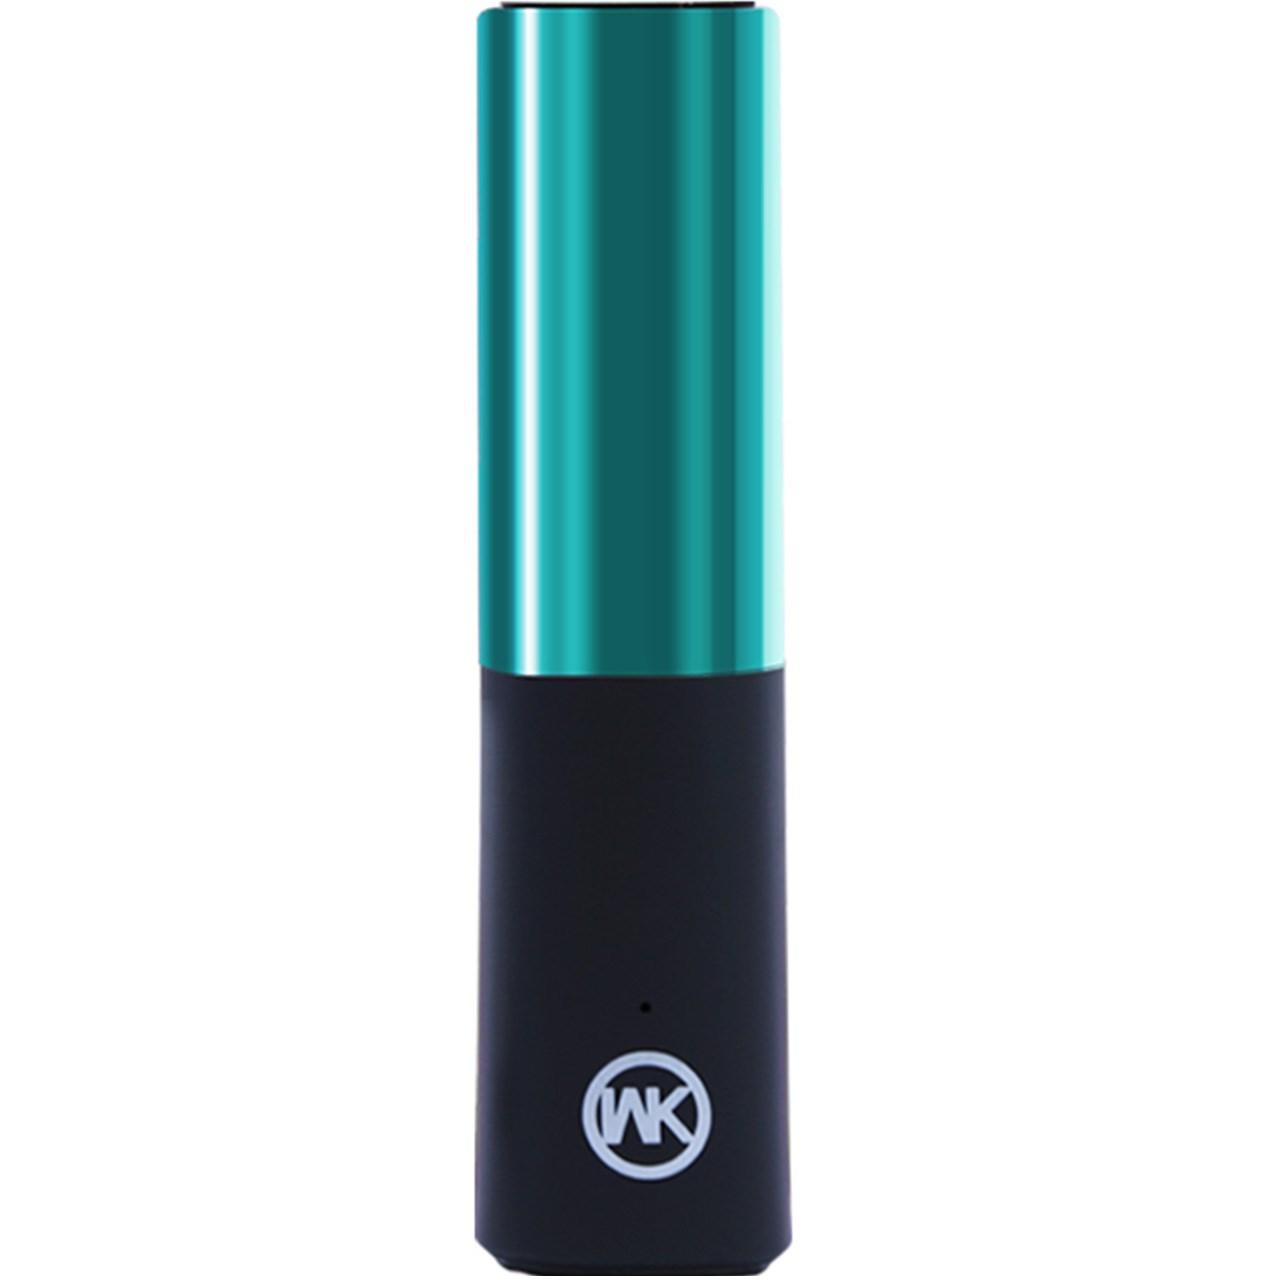 قیمت شارژر همراه دبلیو کی مدل lipstick با ظرفیت 2400 میلی آمپر ساعت